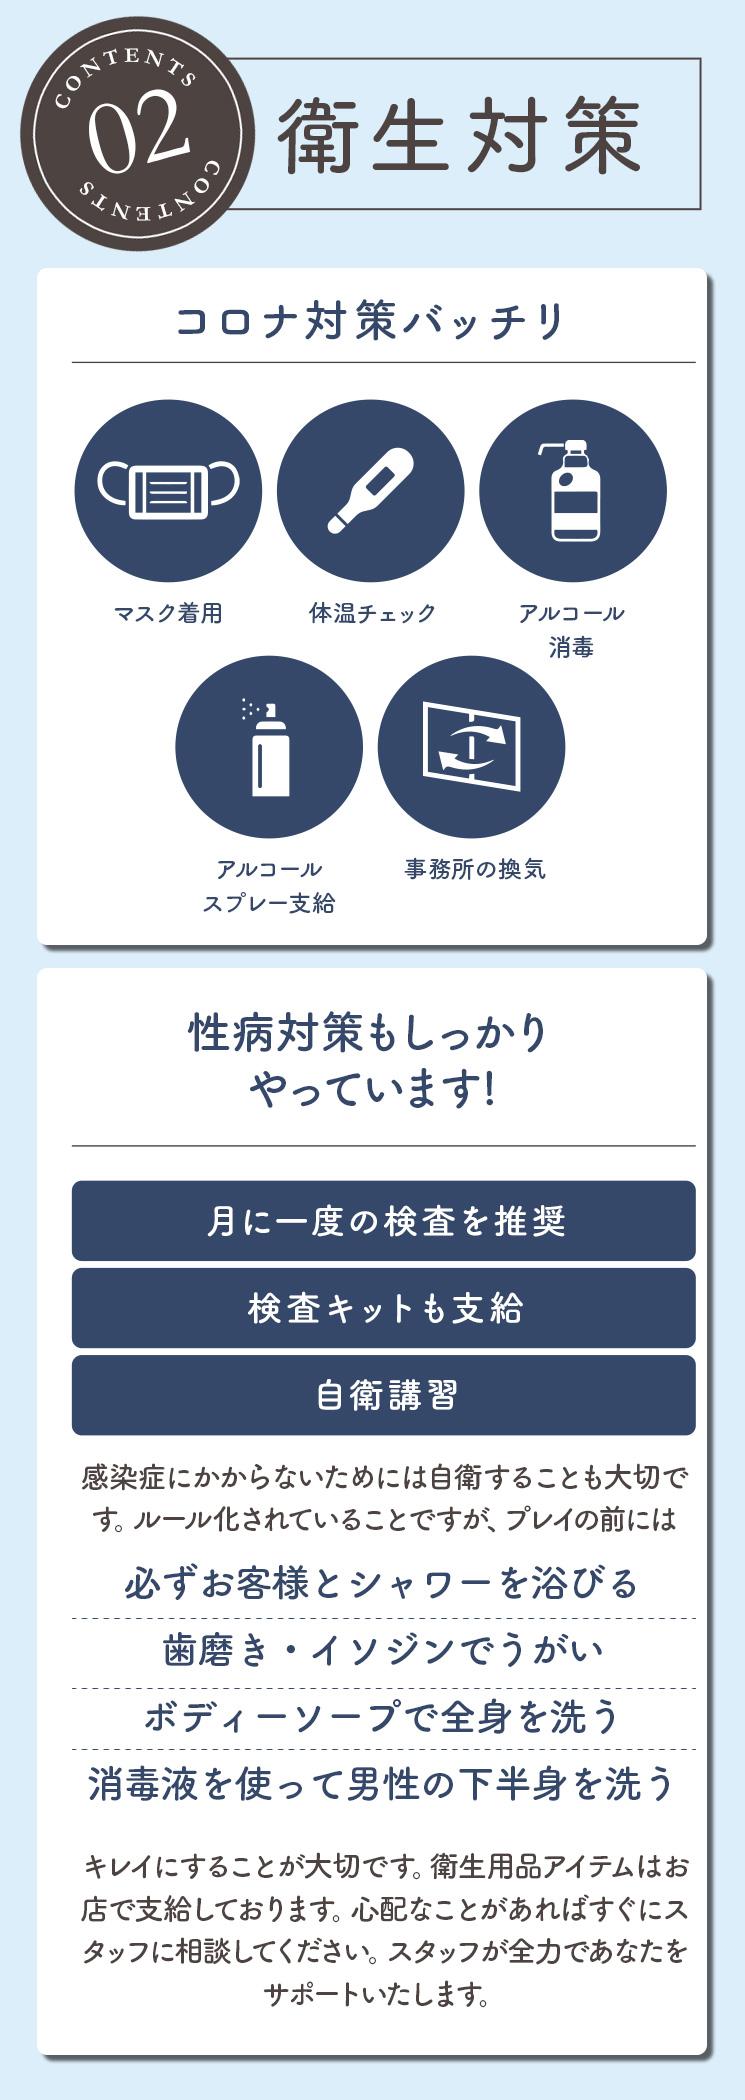 亭主関白日本橋衛生対策